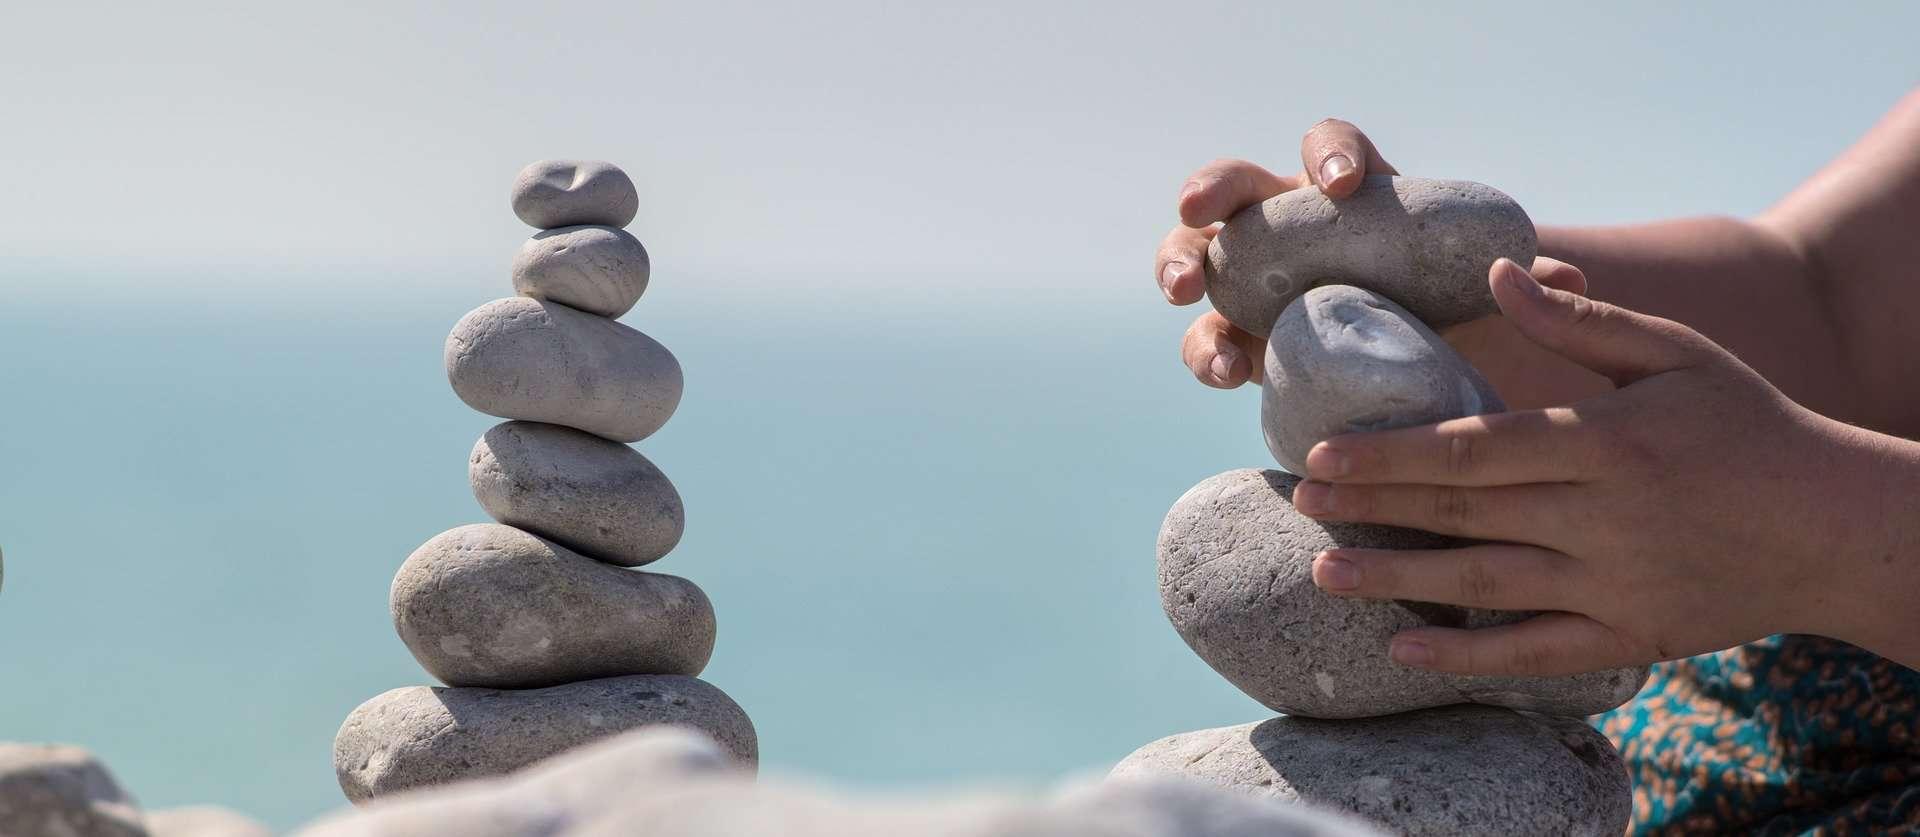 Prévenir et gérer son stress, une nécessité pour vivre pleinement.